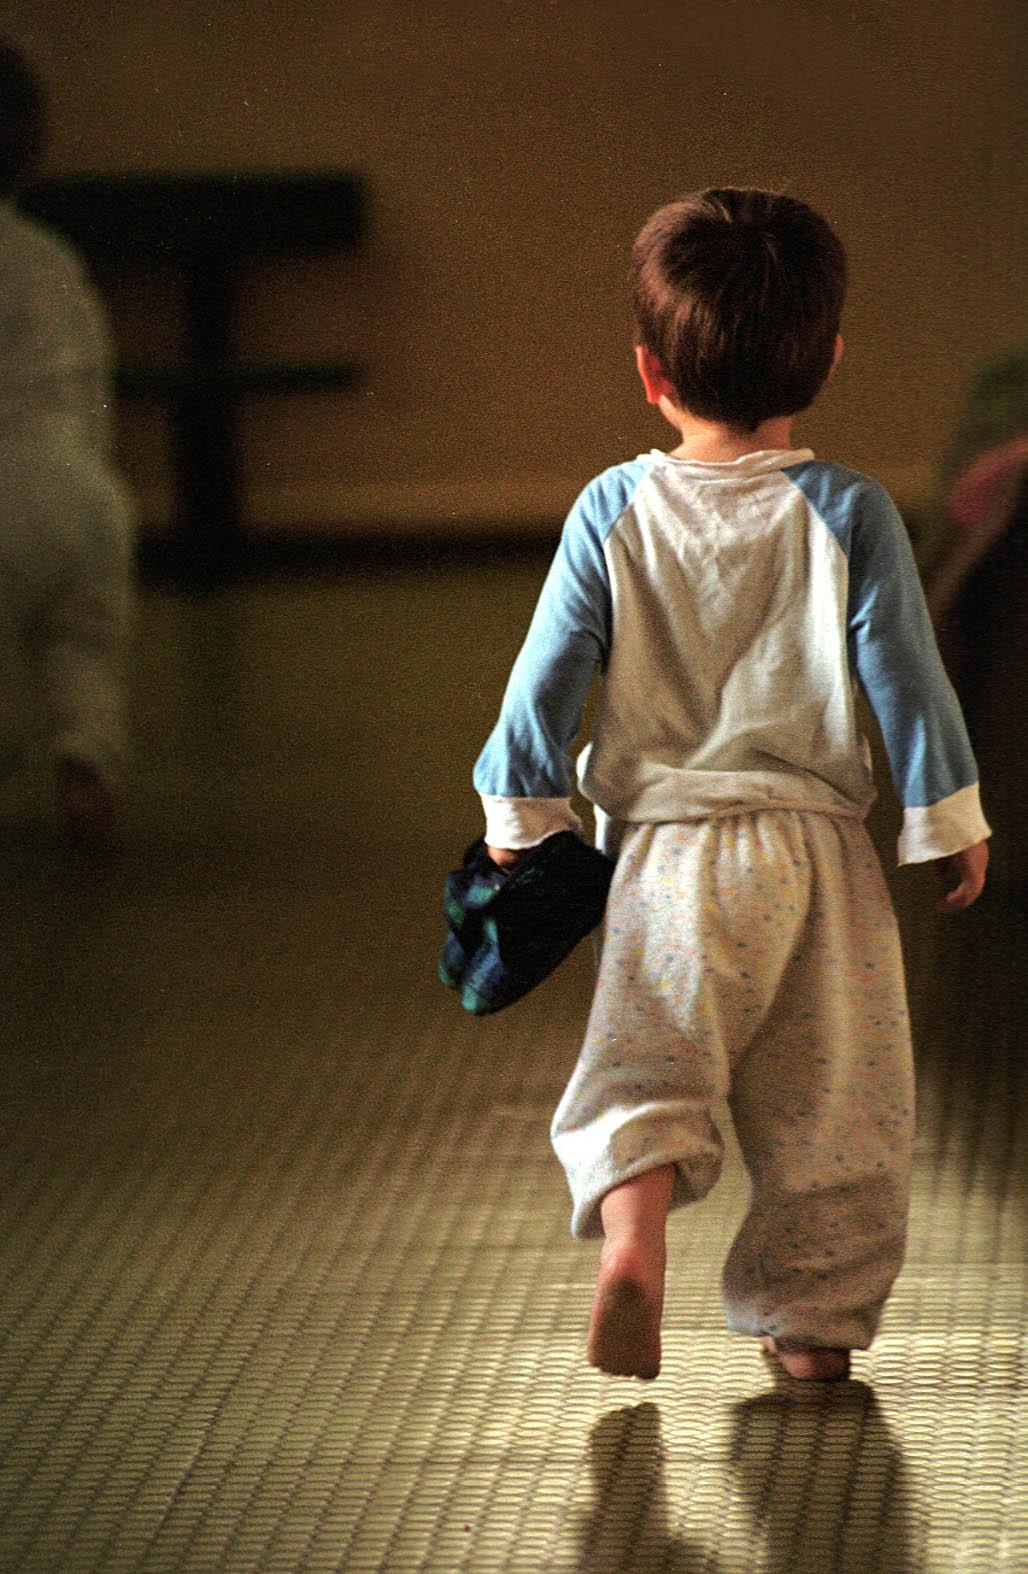 OVAJ DJEČAK JE SRETNO POSVOJEN Fotografiju bosonogog dječaka u pidžami koji tapka po pločicama i nosi papučice u rukama snimio je prije 18 godina na hodniku zagrebačkog doma za djecu bez odgovarajuće roditeljske skrbi fotograf Dražen Kokorić, a Jutarnji ju je list objavio nebrojeno puta. Dječak s fotografije posvojen je vrlo brzo nakon što je fotografija nastala i s roditeljima se odselio u jednu zapadnoeuropsku zemlju, u kojoj živi